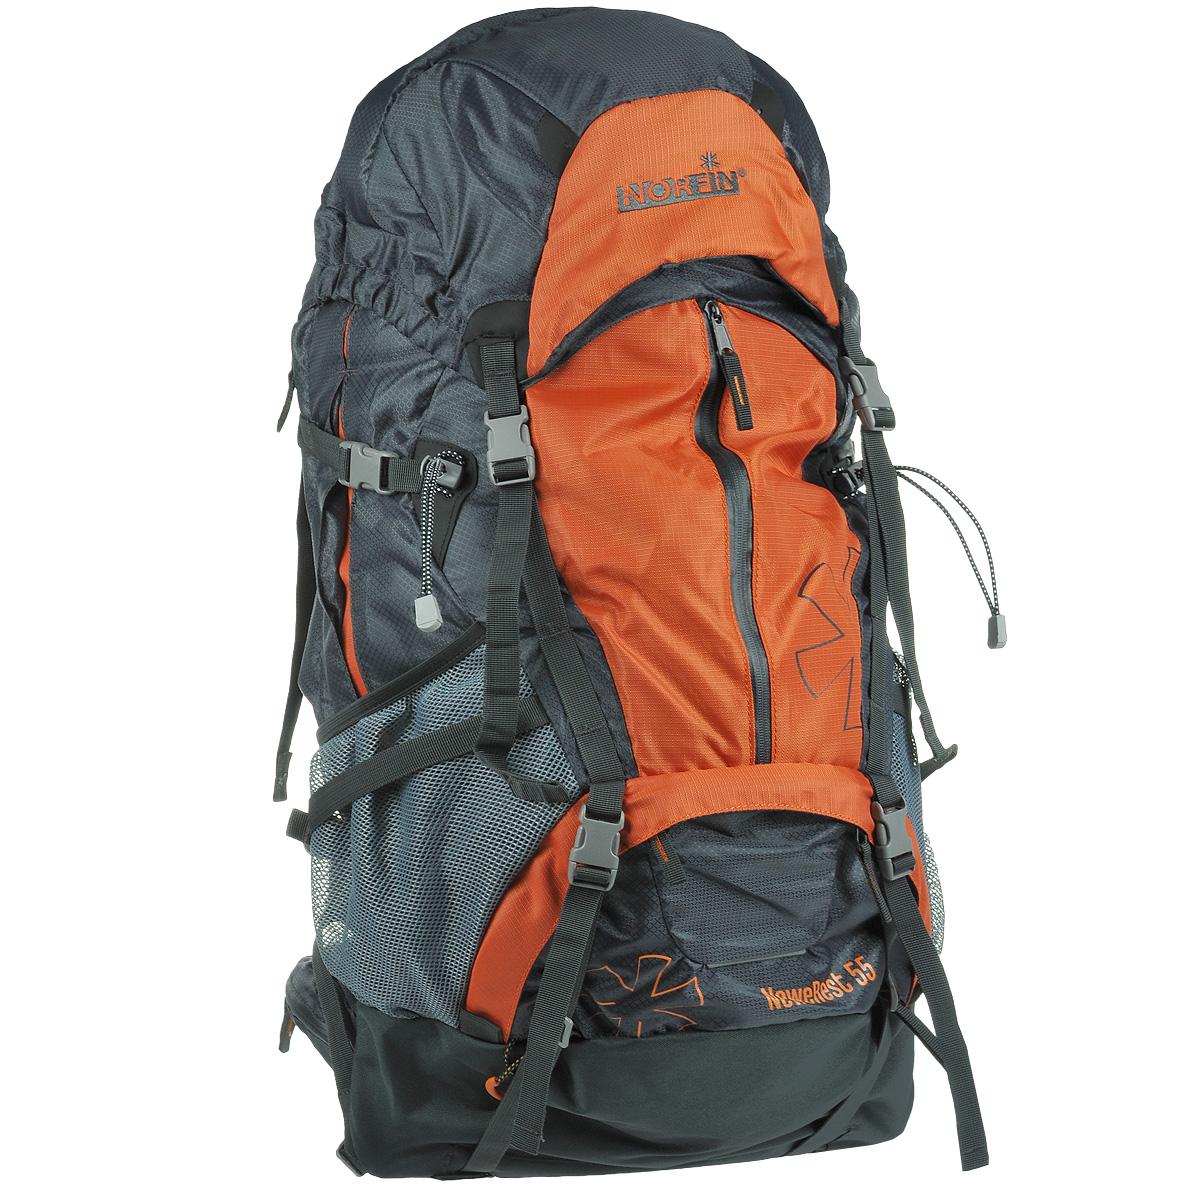 Рюкзак туристический Norfin NeweRest, цвет: серый, оранжевый, 55 лNS-40206Туристический функциональный 55-литровый рюкзак Norfin NeweRest отлично подойдет для походов и путешествий.Особенности рюкзака:Анатомический съемный пояс с карманами. Отлично сидит на бедрах, хорошо перераспределяет нагрузку Регулируемая подвесная система W-1 с вентиляцией спиныПлечевые лямки с перфорированным наполнителем EVA для смягченияГрудная стяжкаАлюминиевые латыВыход под питьевую системуОсновное отделение с разделителем на молнии позволит удобно распределить содержимое рюкзакаВерхний и нижний входы в основное отделениеБольшие боковые карманы на молнии, боковые сетчатые карманыБольшой фронтальный карман с водонепроницаемой молниейПлавающий верхний клапан с внешним и внутренним карманами Чехол-дождевик в кармане на днеВозможность крепления горного снаряжения.